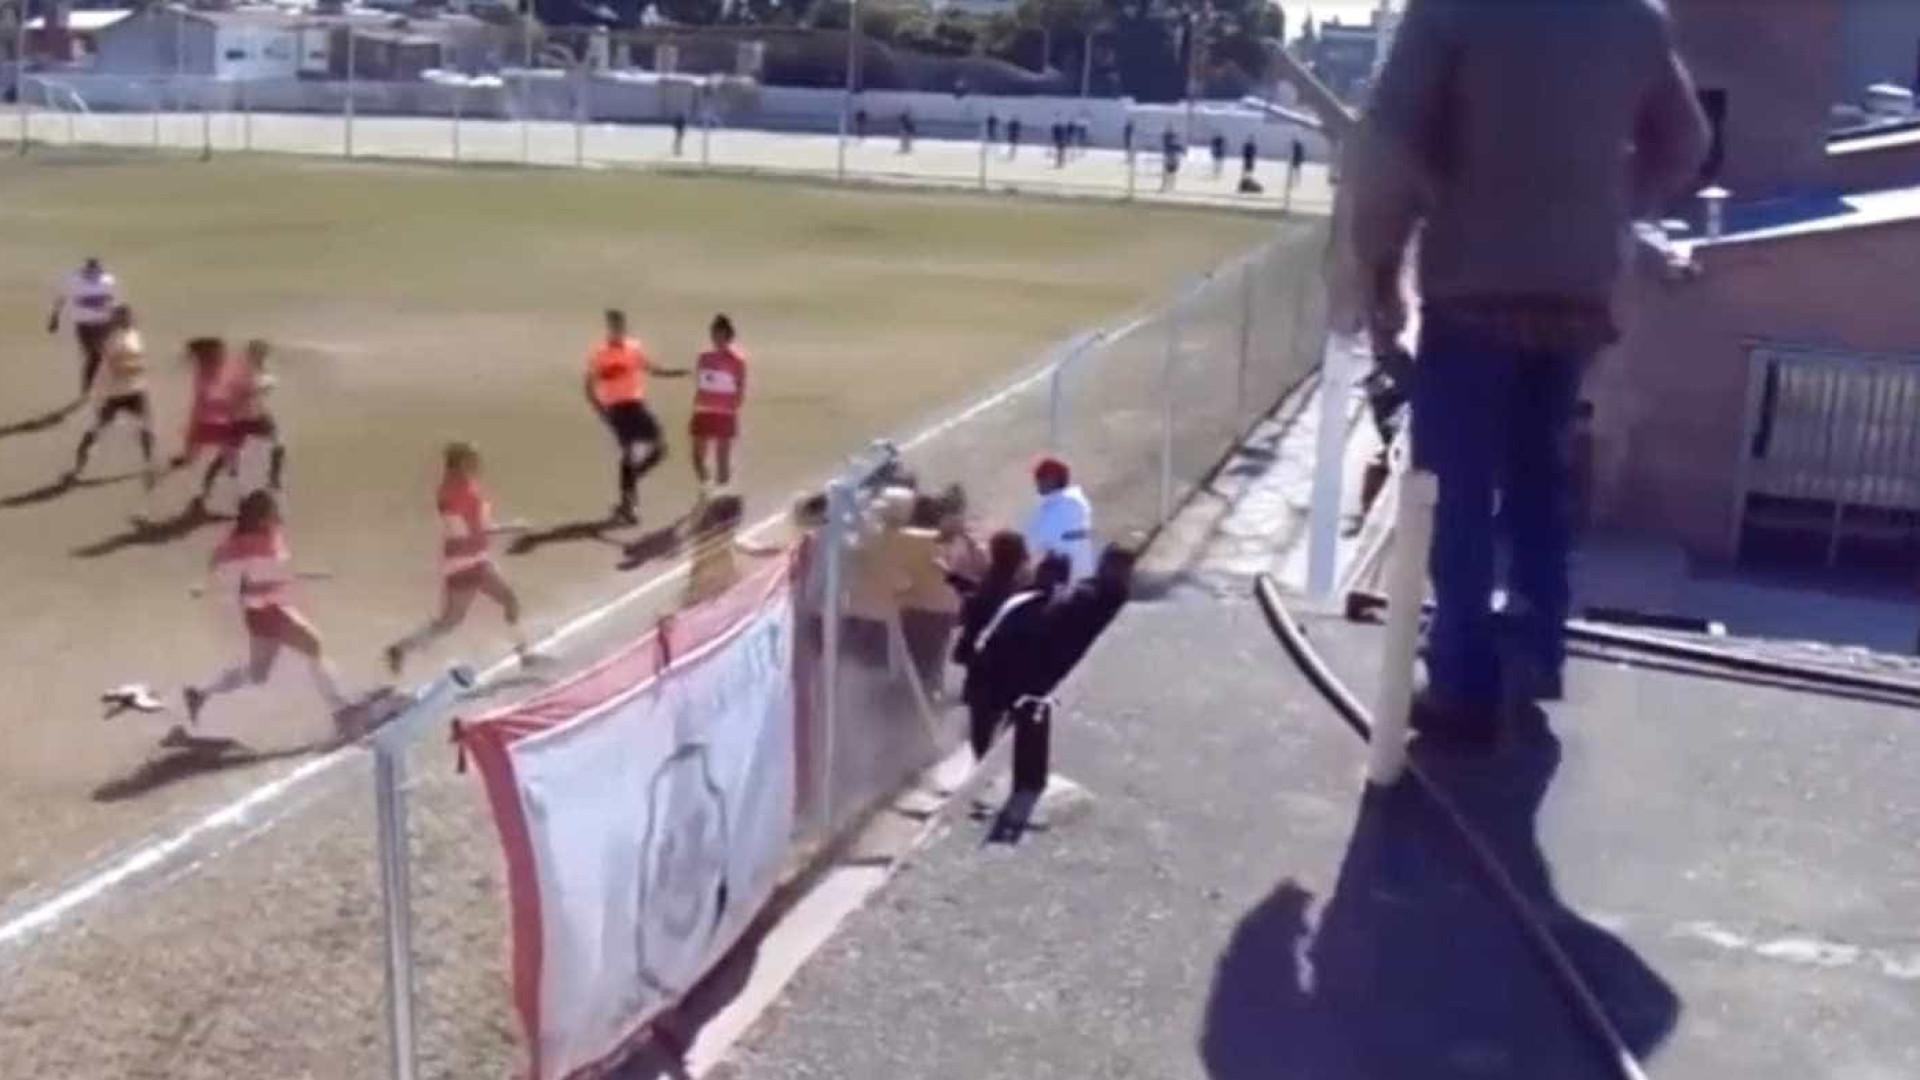 Jogadoras trocam empurrões e socos em jogo do futebol argentino